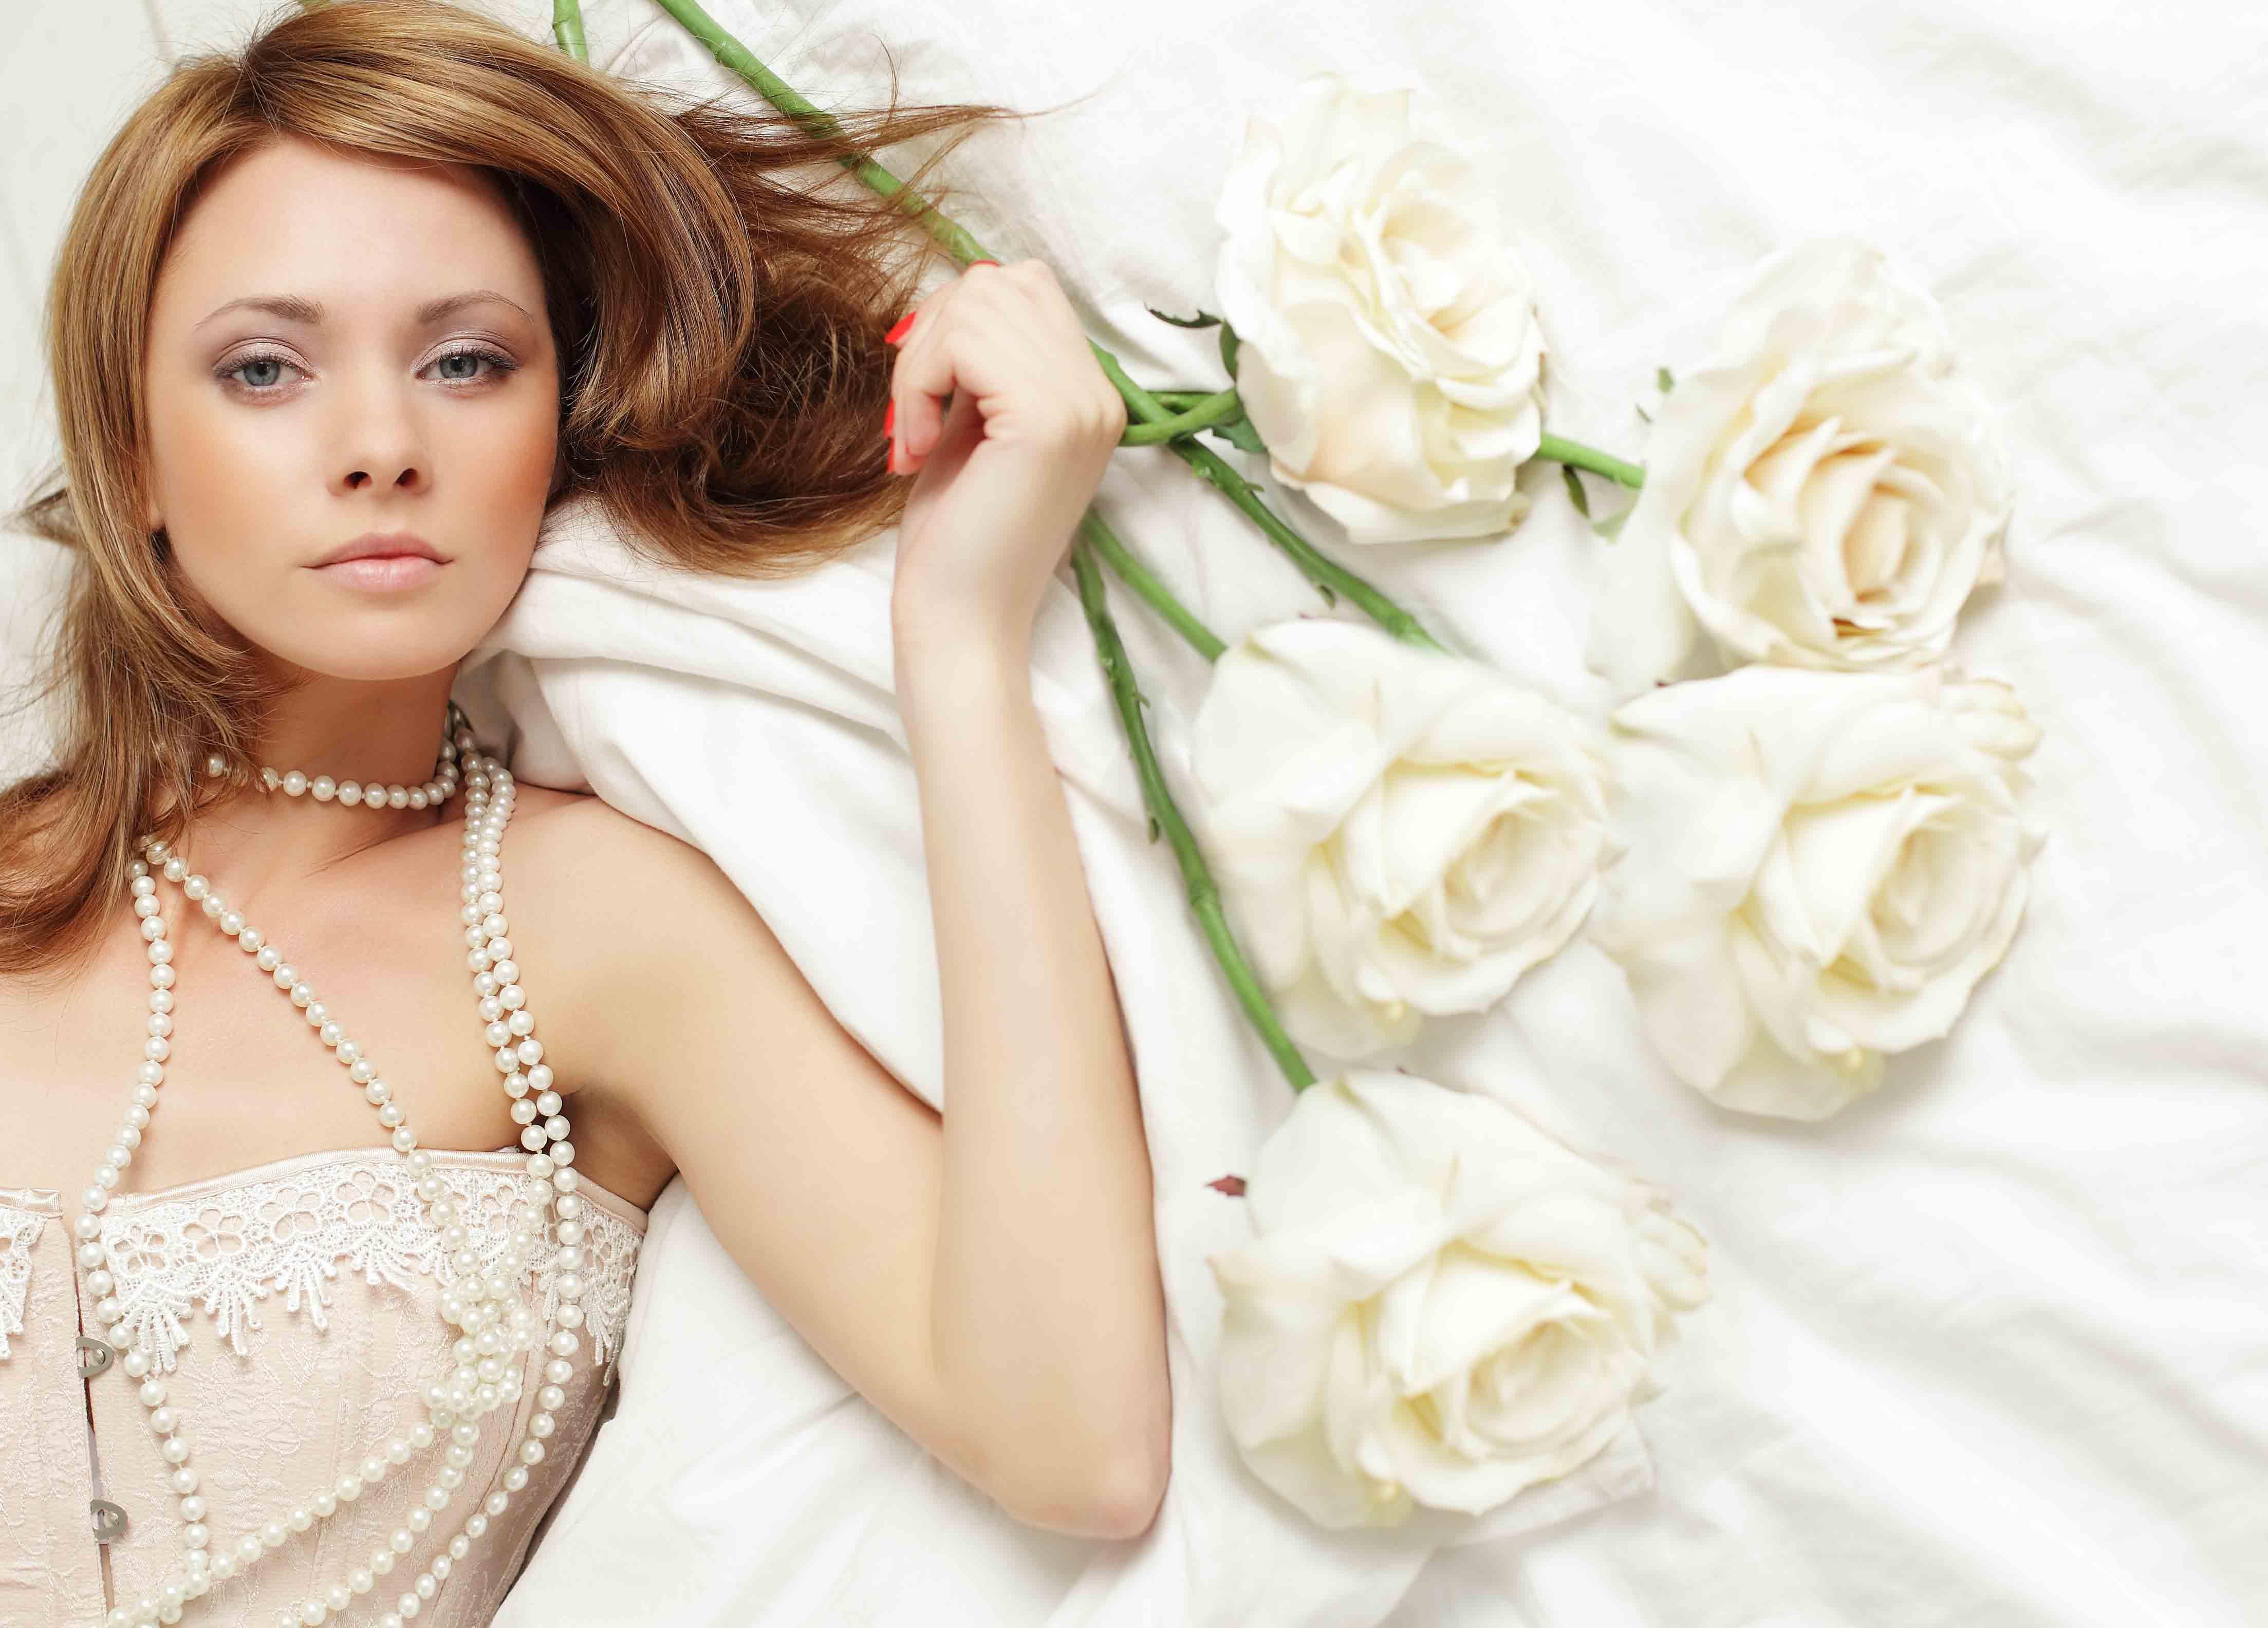 【静岡市宝石店】女性の魅力を引き出す真珠『静岡真珠展』開催!